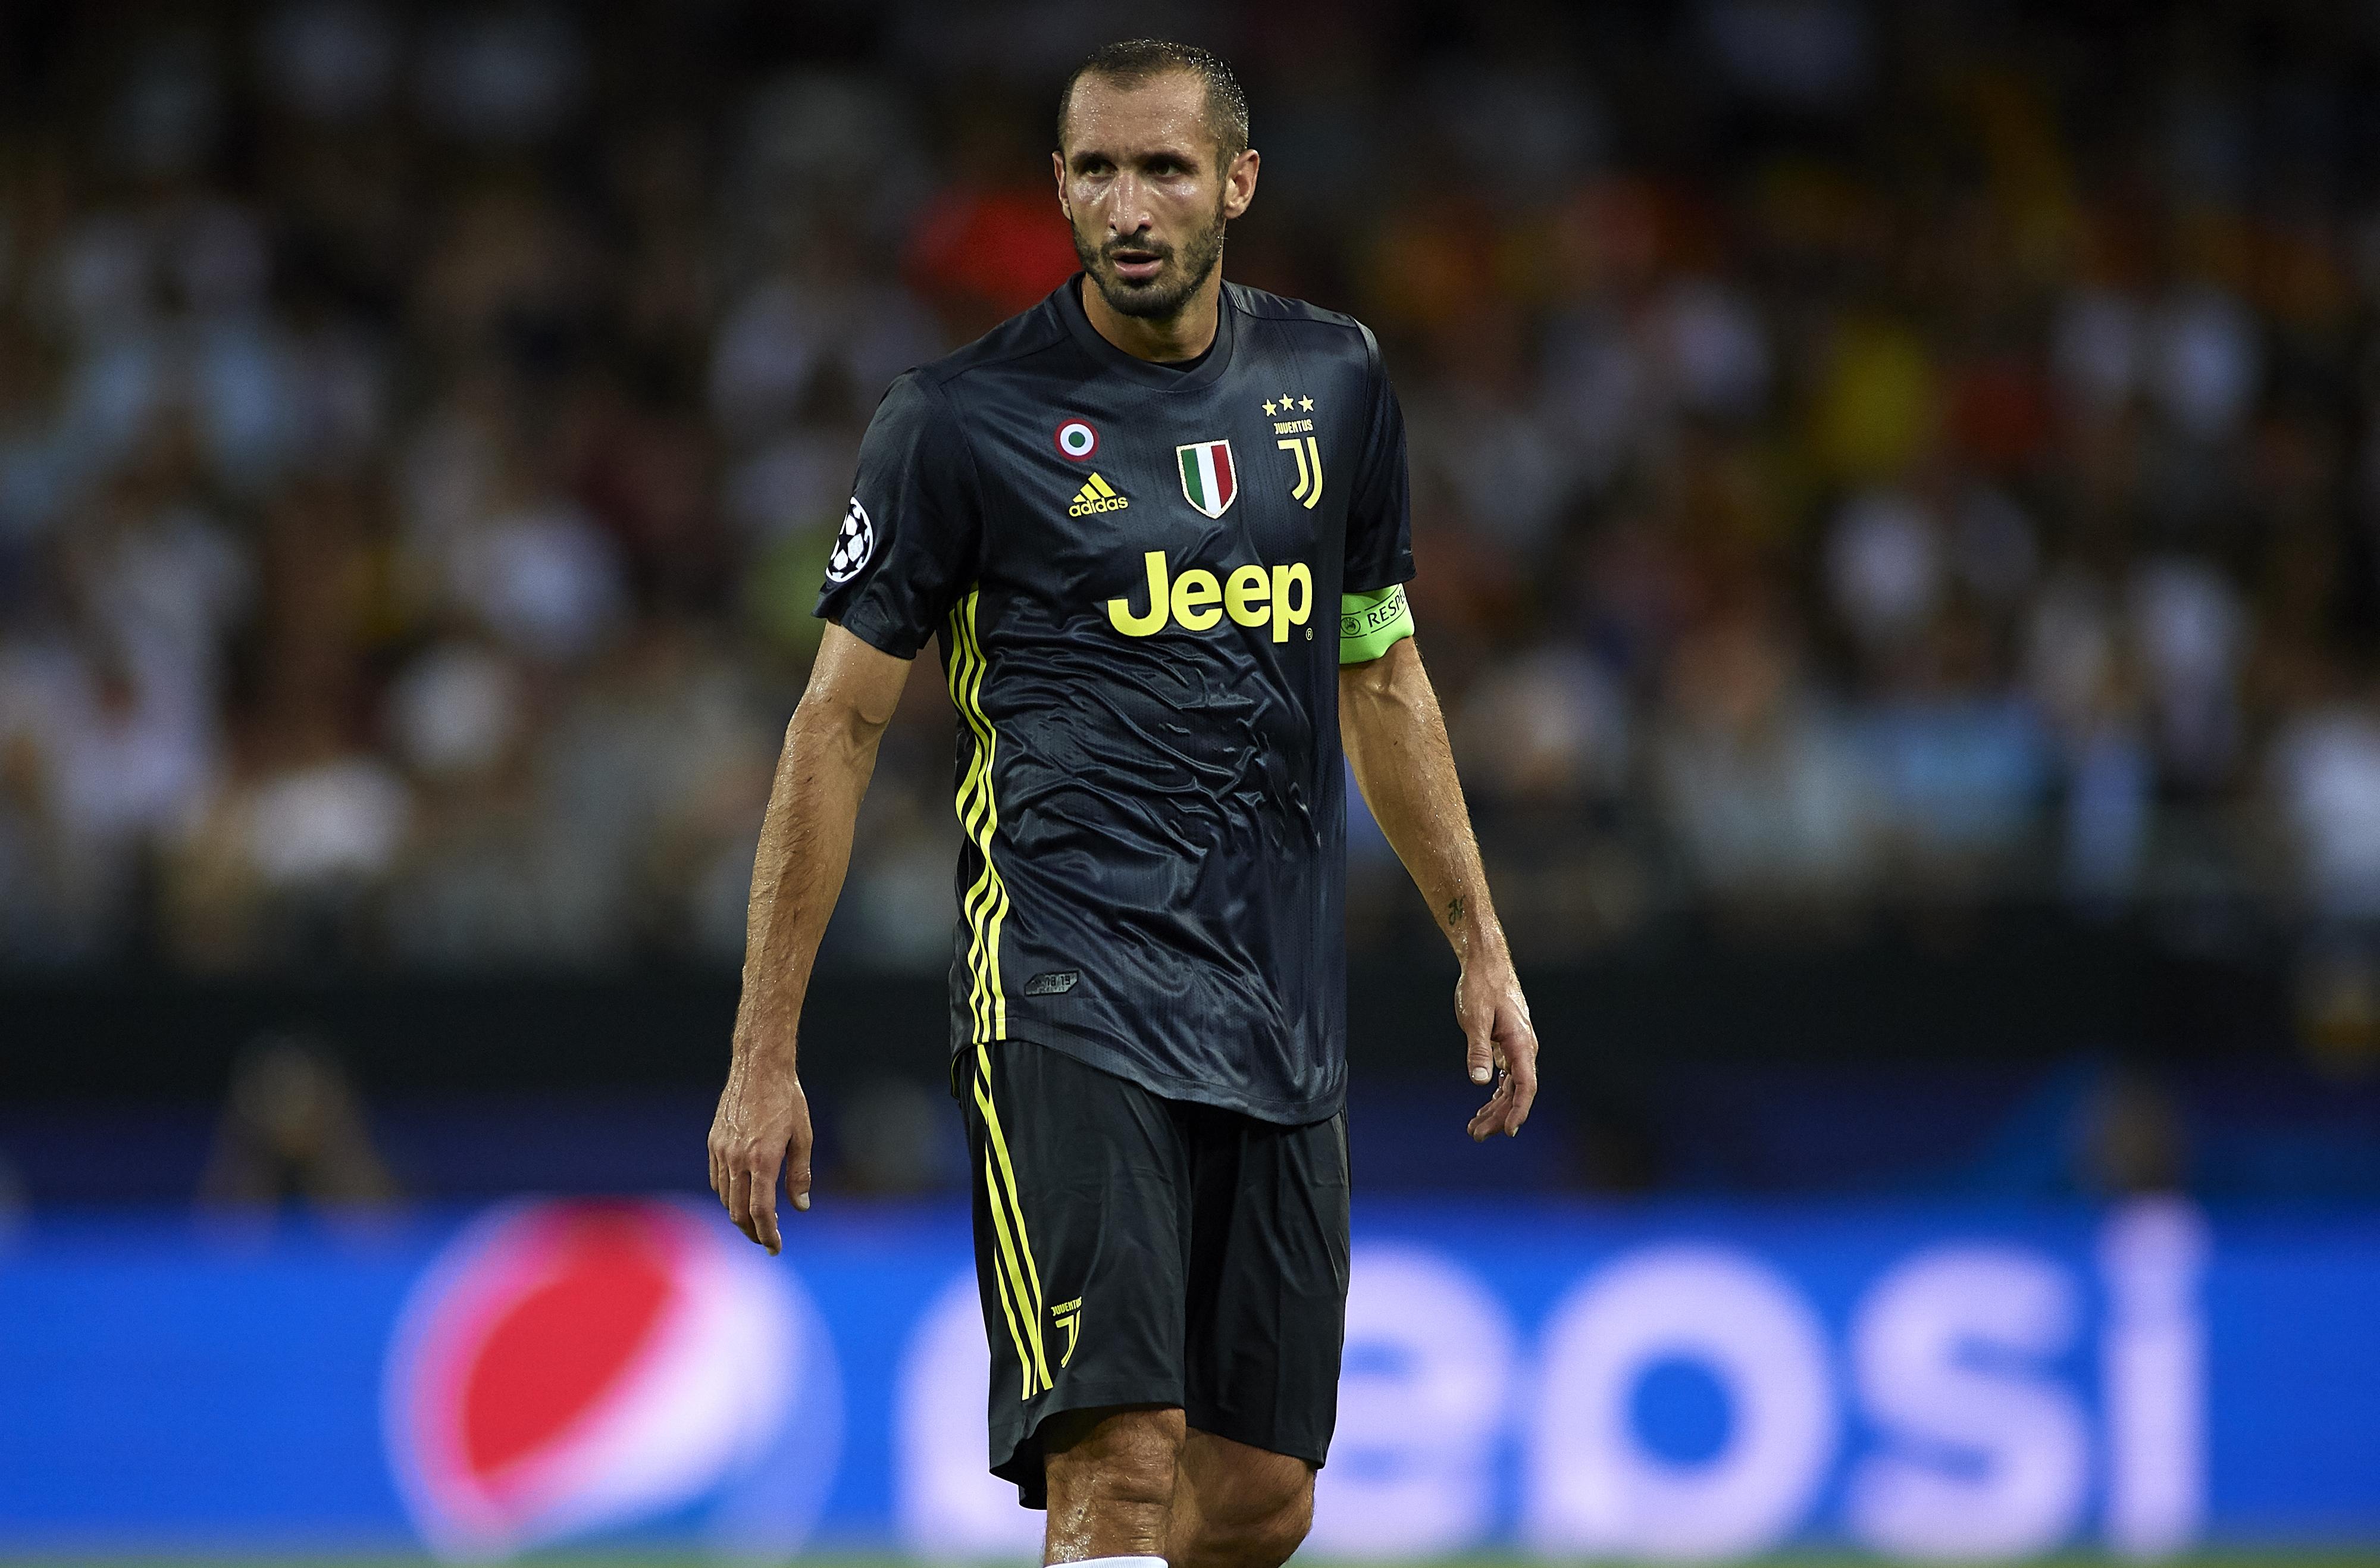 Капитанът на Ювентус Джорджо Киелини смята, че актуалният отбор на